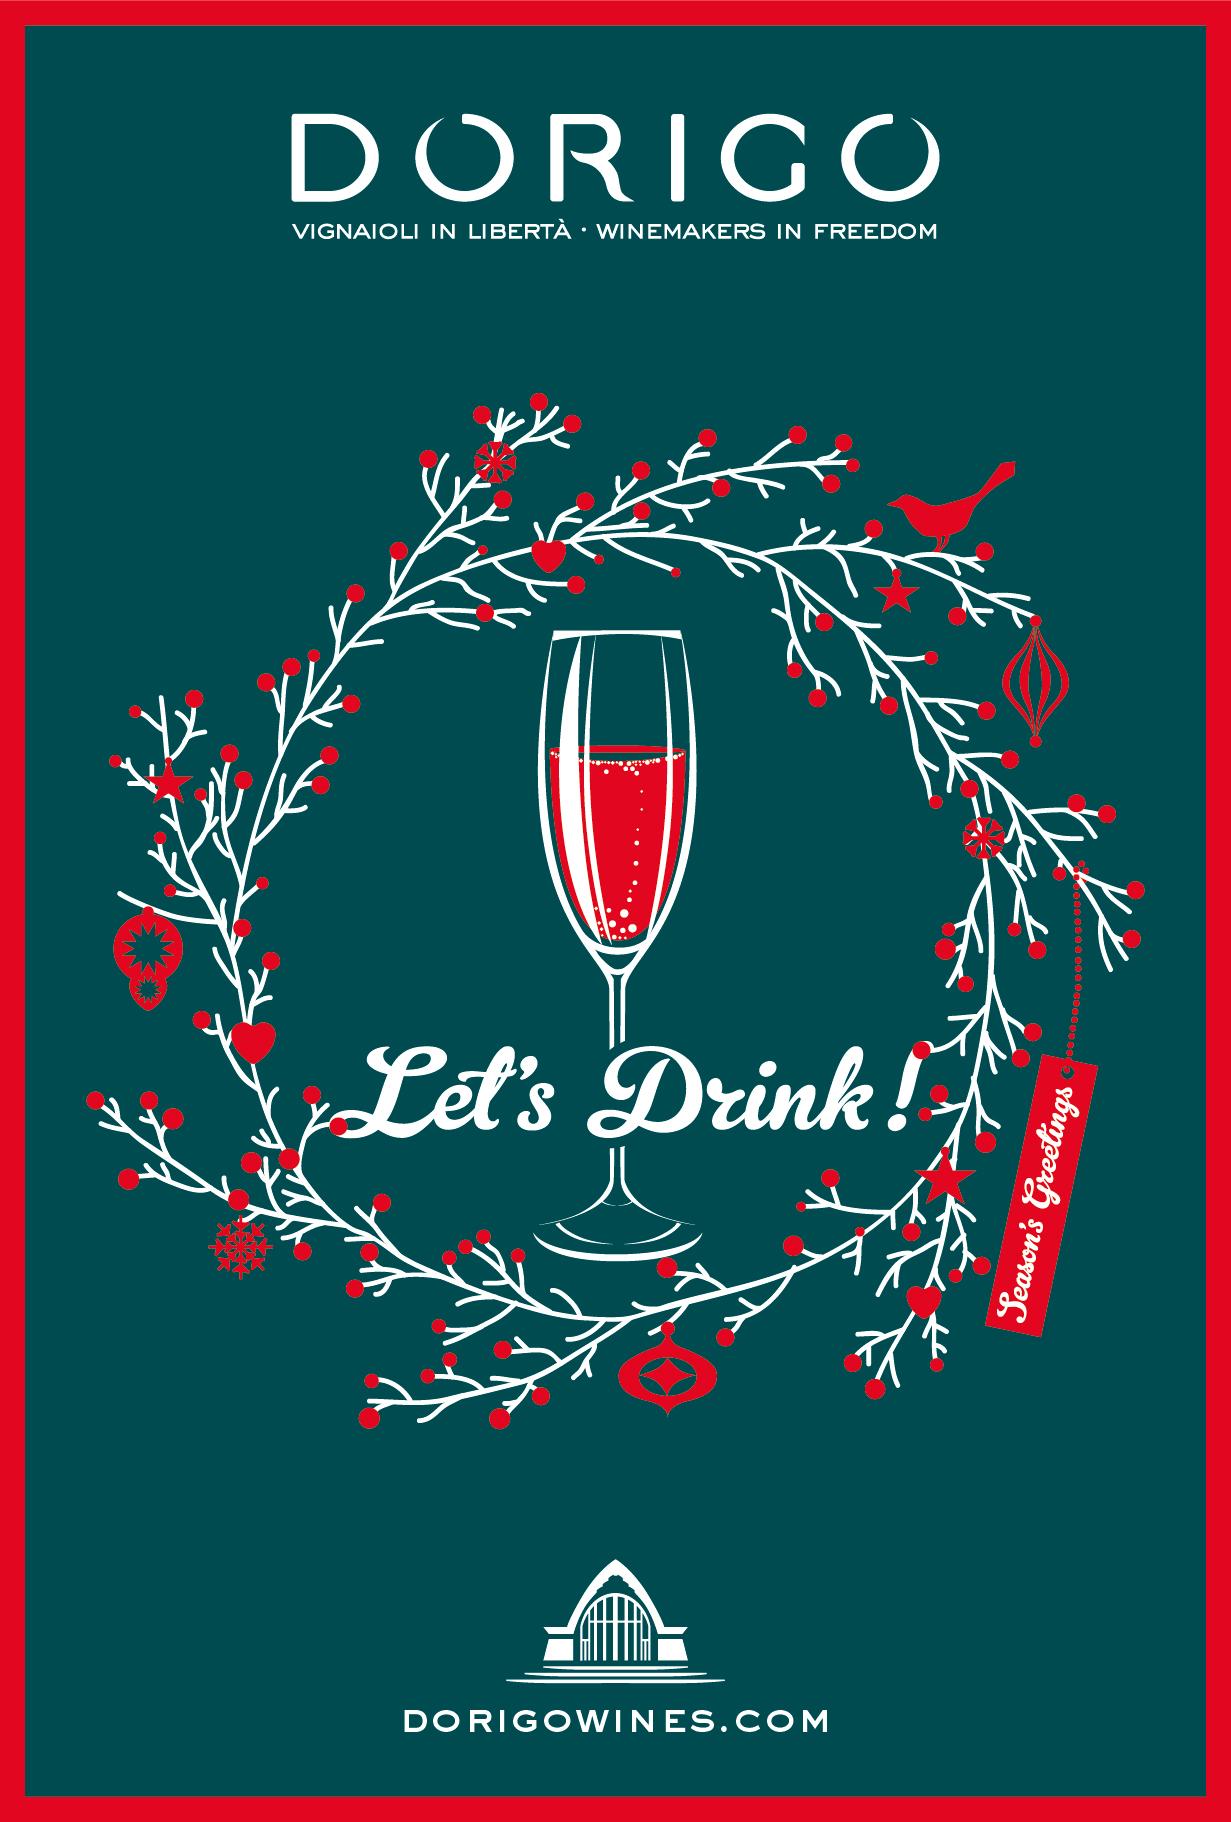 LET'S DRINK!